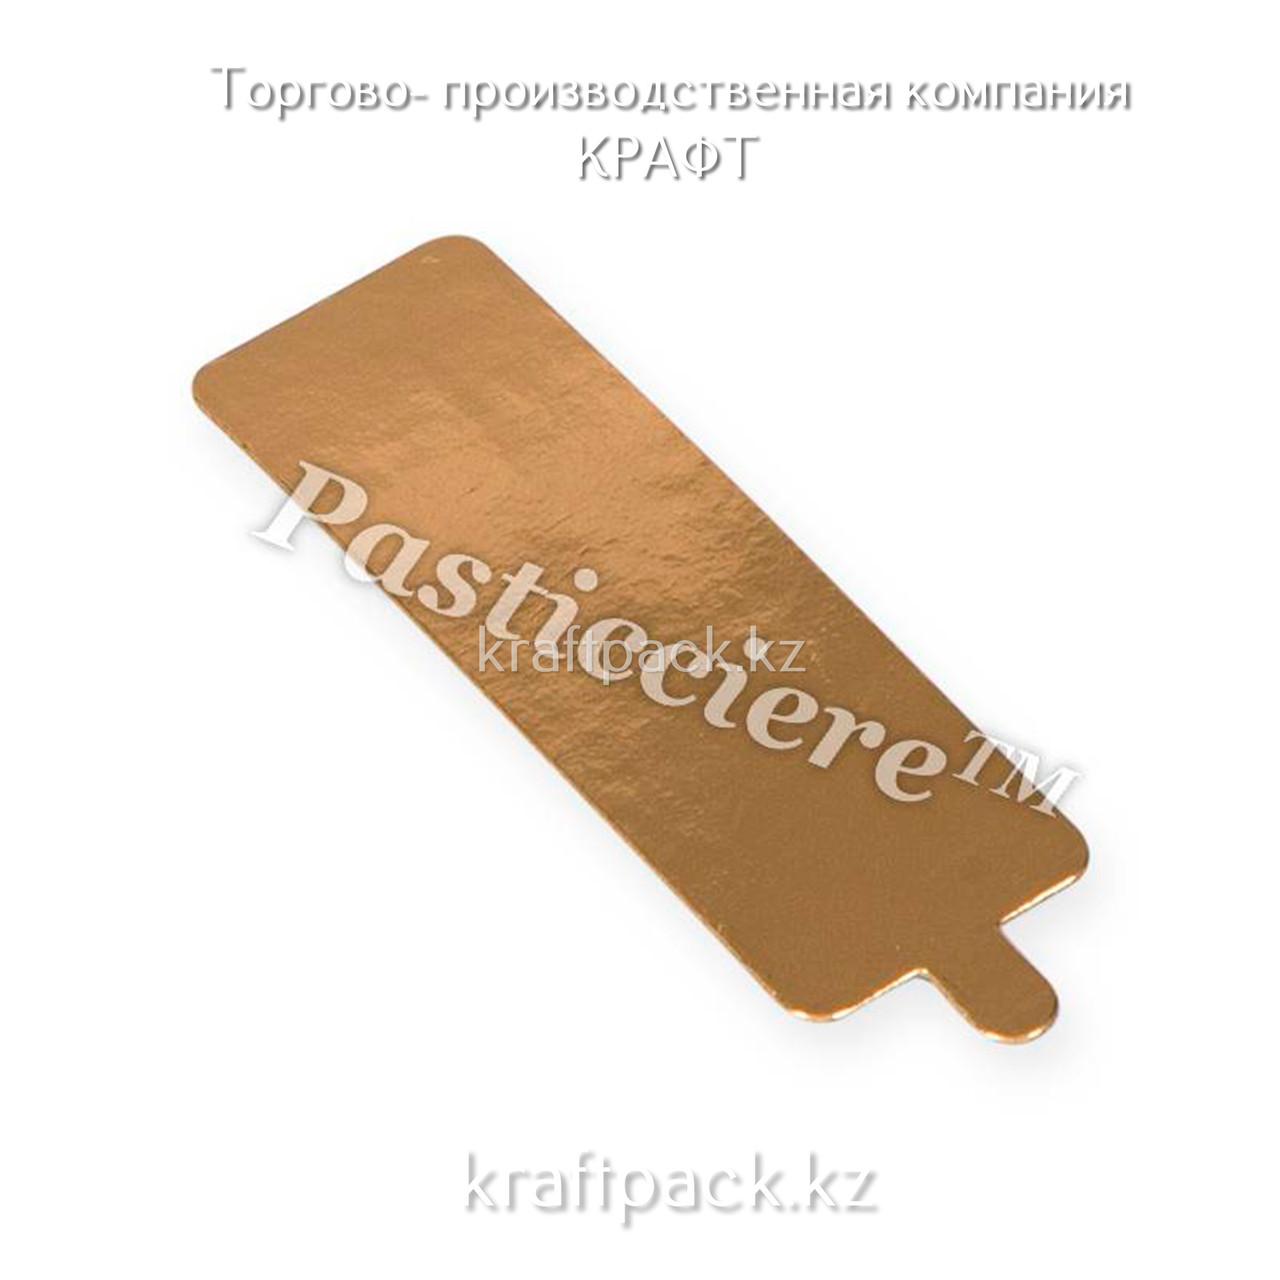 Pasticciere.Подложка золото с держателем прямоугольник 130*40 мм (Толщина 0,8 мм)*100 шт/упак